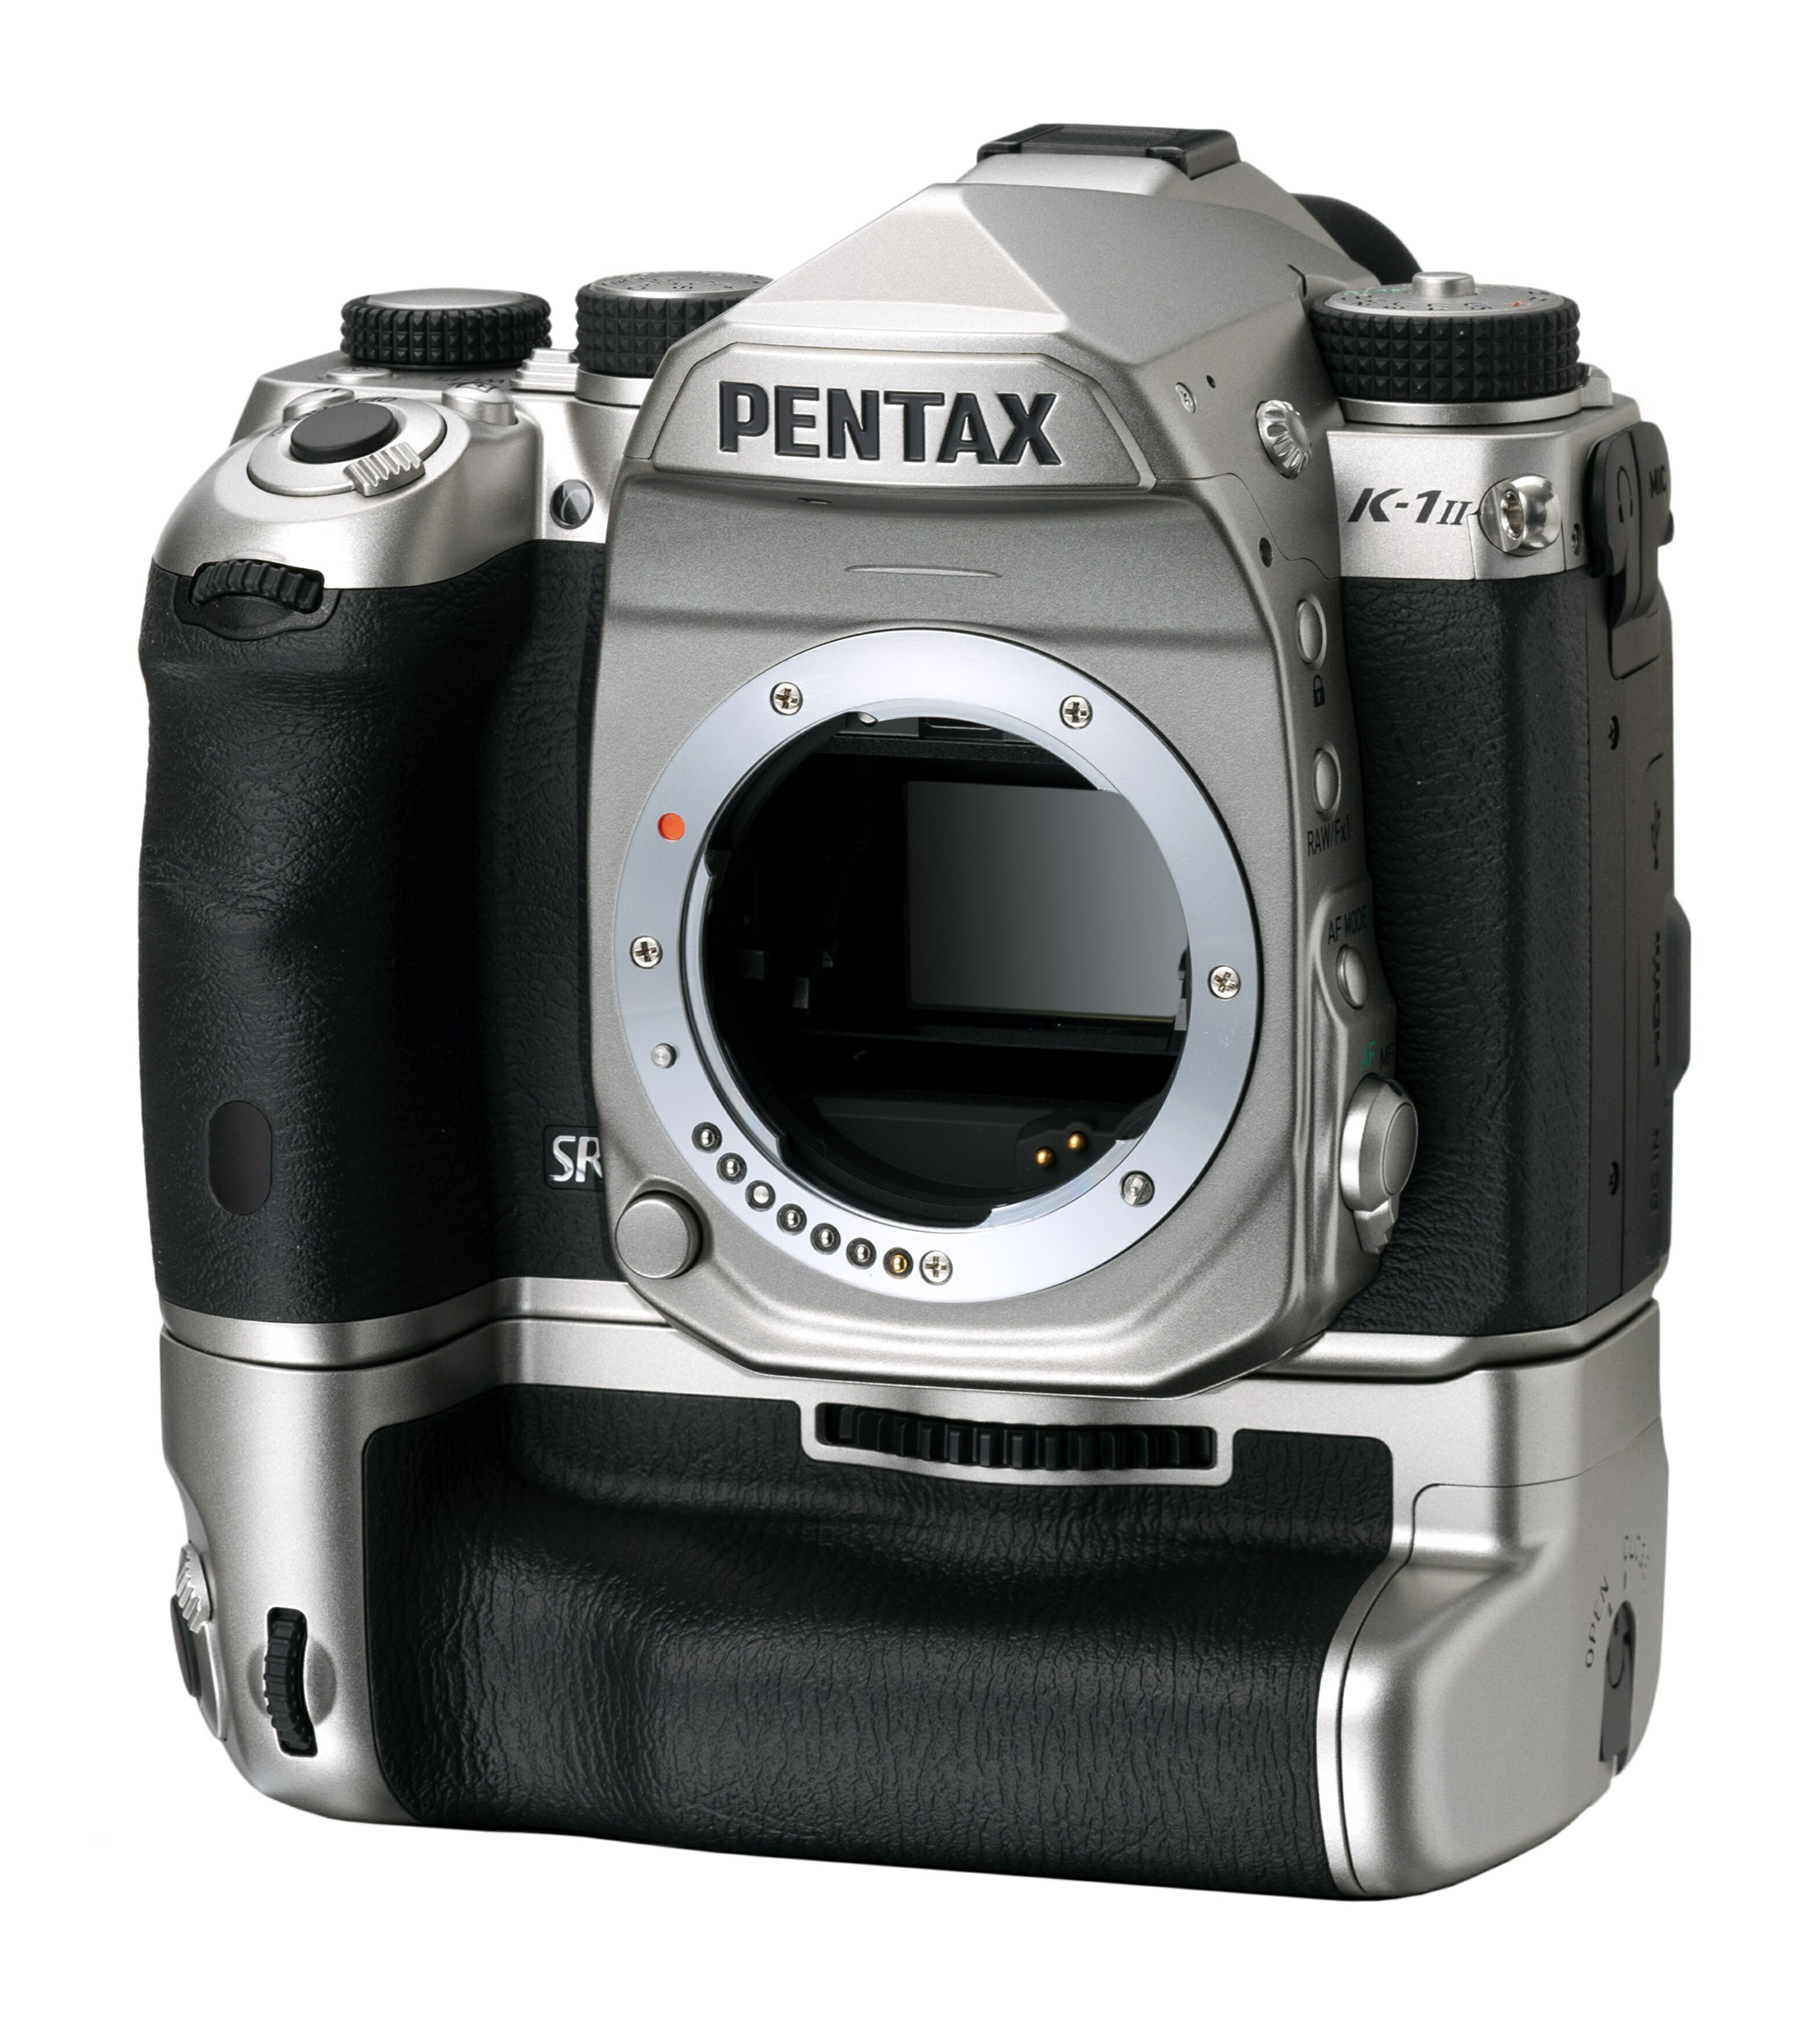 デジタルカメラ, デジタル一眼レフカメラ 918 0:00924 01:59!!4,000OFF!! K-1 Mark II Silver EditionPENTAX